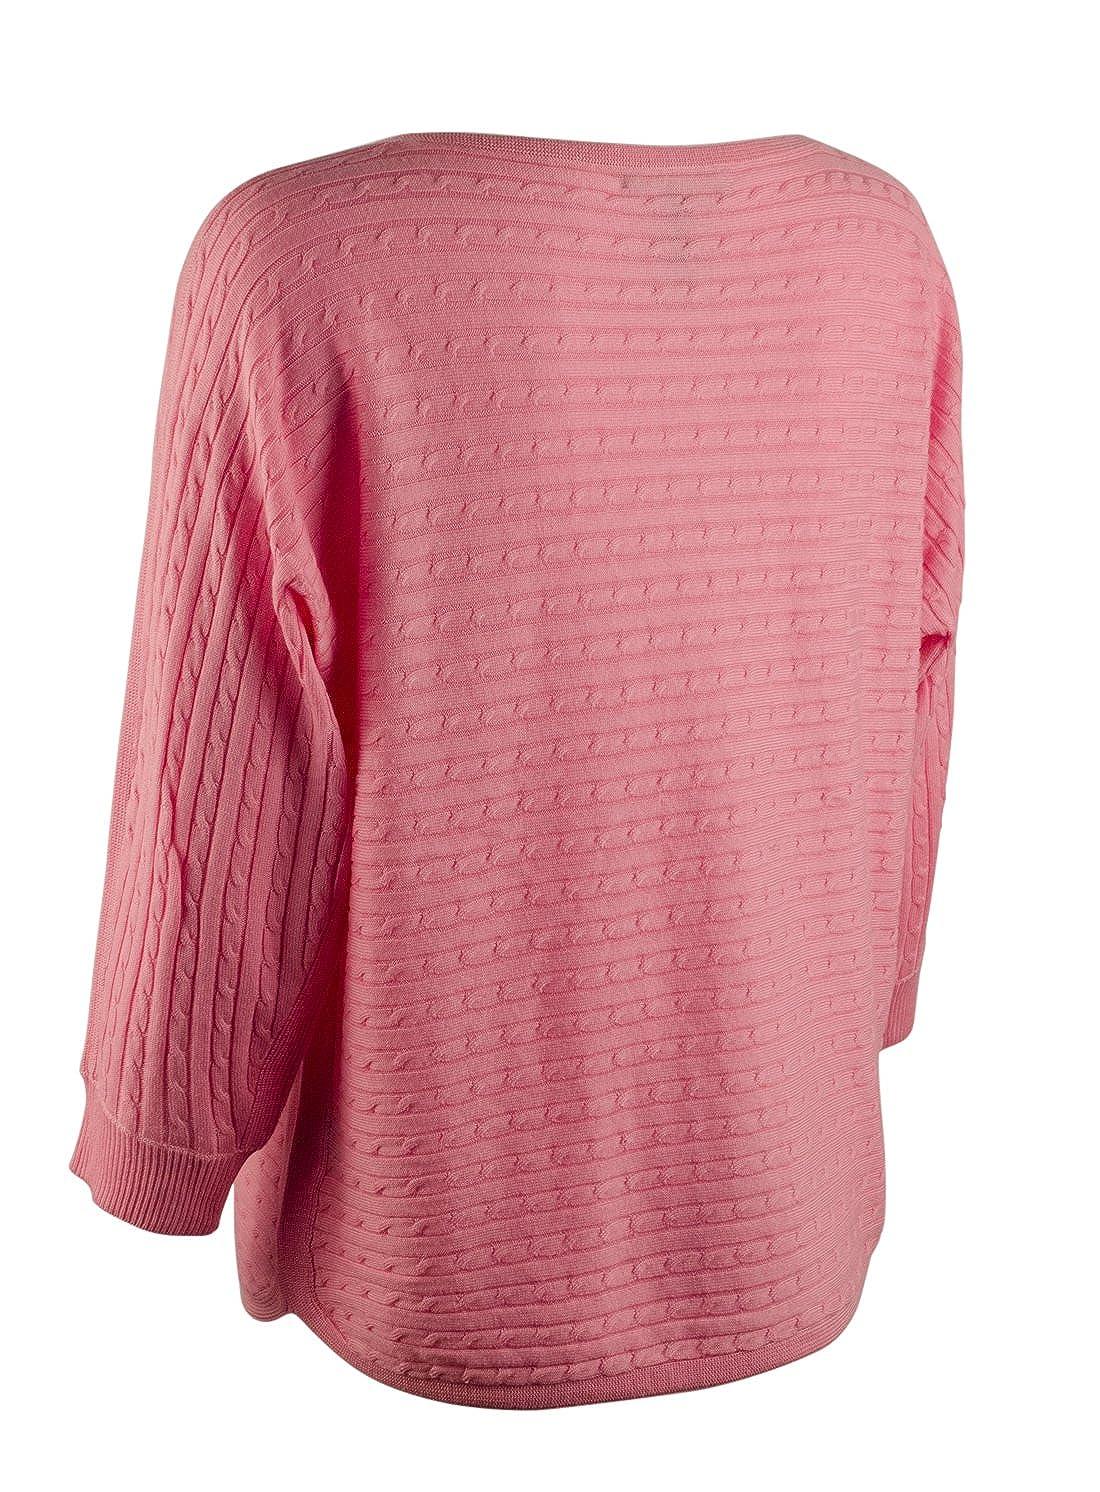 57715cf47942 Lauren Ralph Lauren Women s Cable-Knit Boat Neck Sweater at Amazon ...